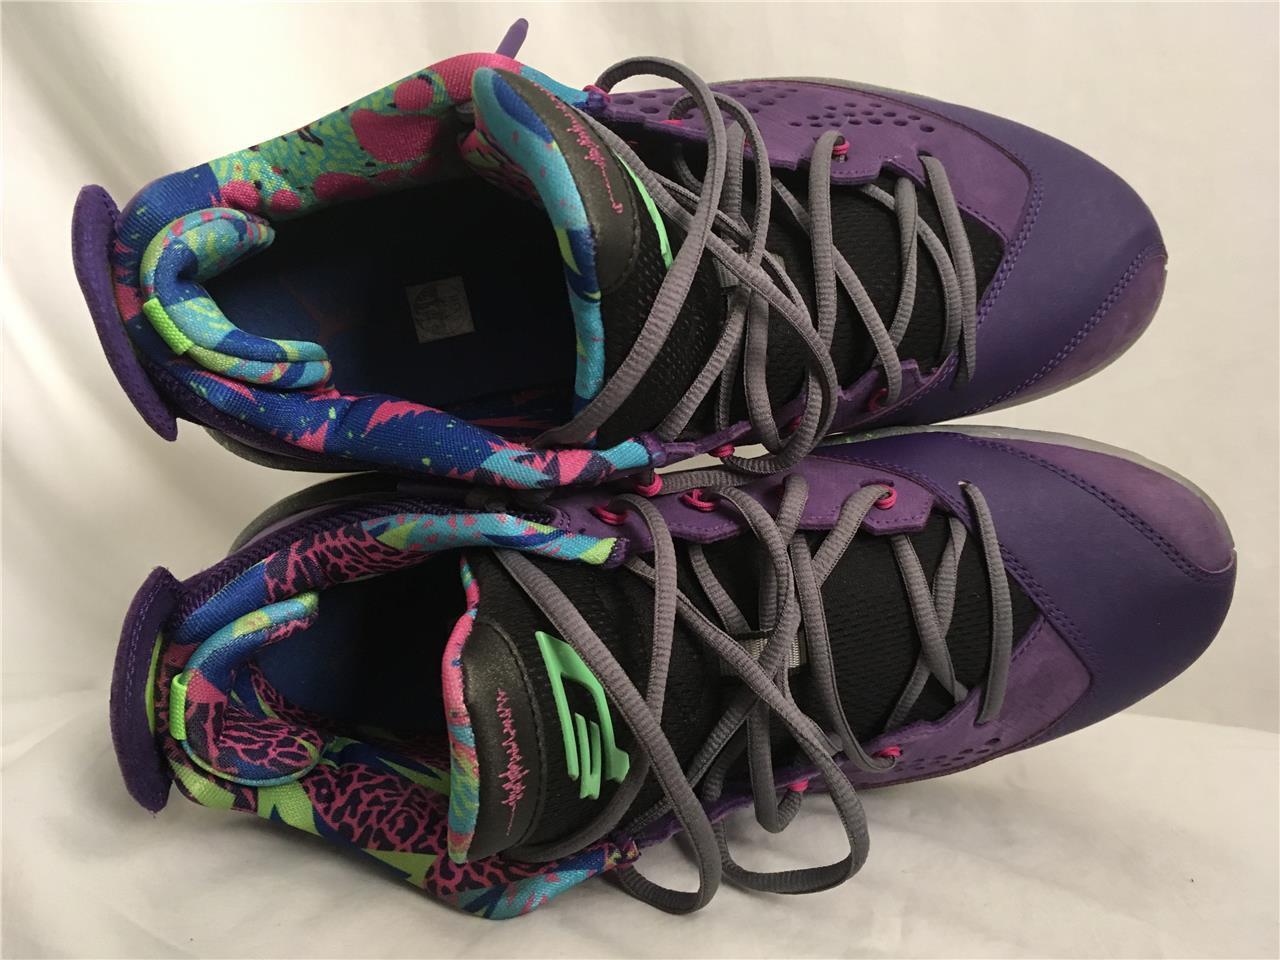 Nike air jordan cp3.vii bel air 616805 chris paul lila hellgrünen 616805 air - 506. ea2564